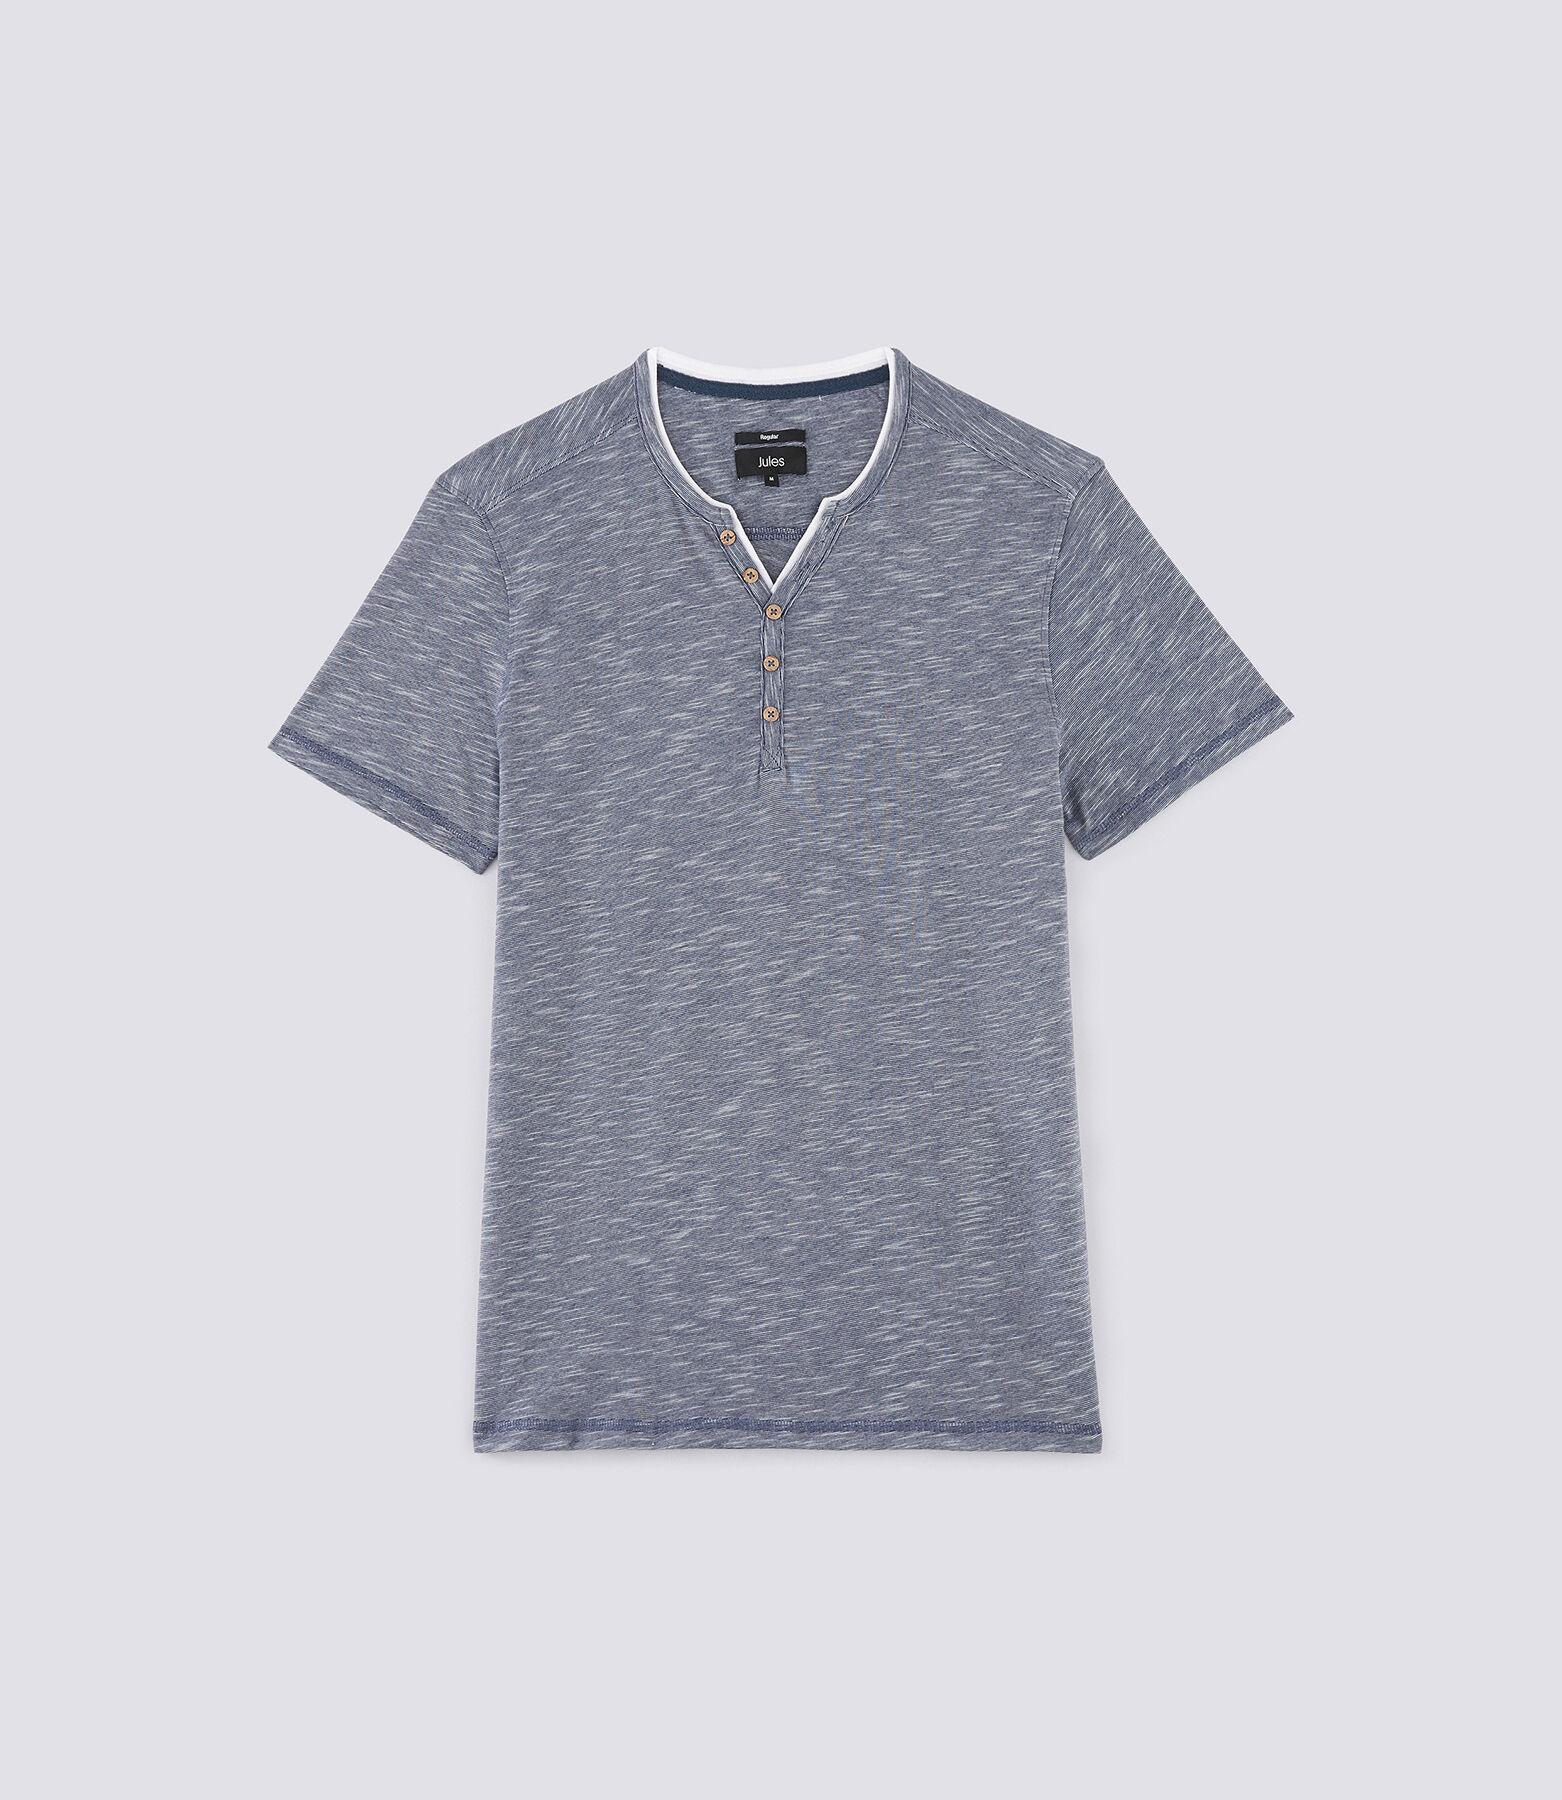 T-shirt met knooplijst